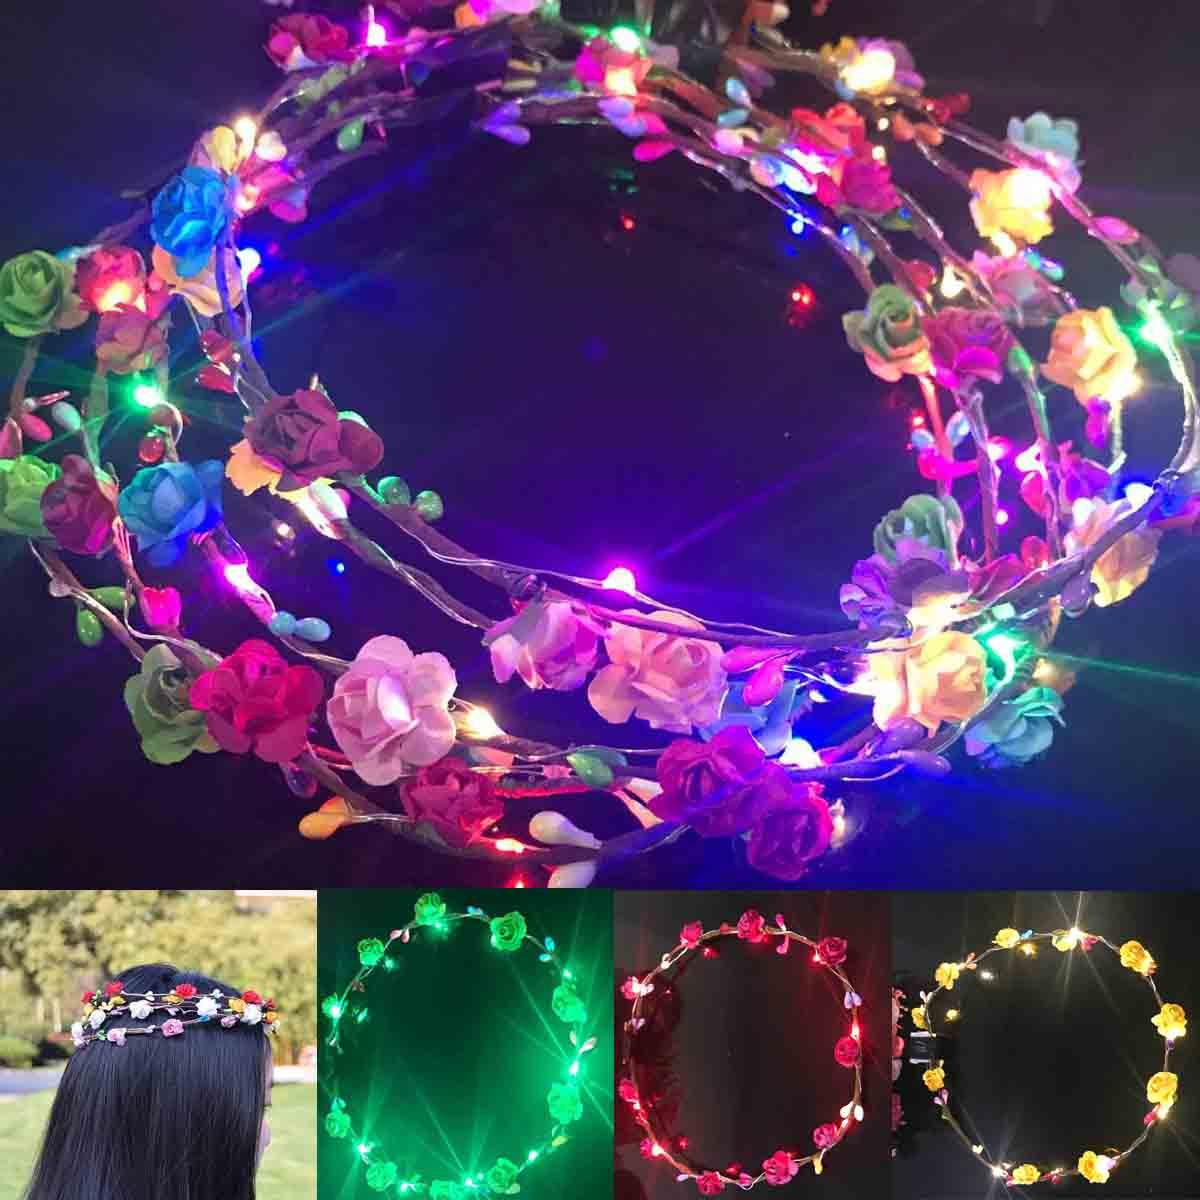 Цветочный Венок Праздник Праздника Света Гирлянды Оголовье Свадебное Фотография Подарок